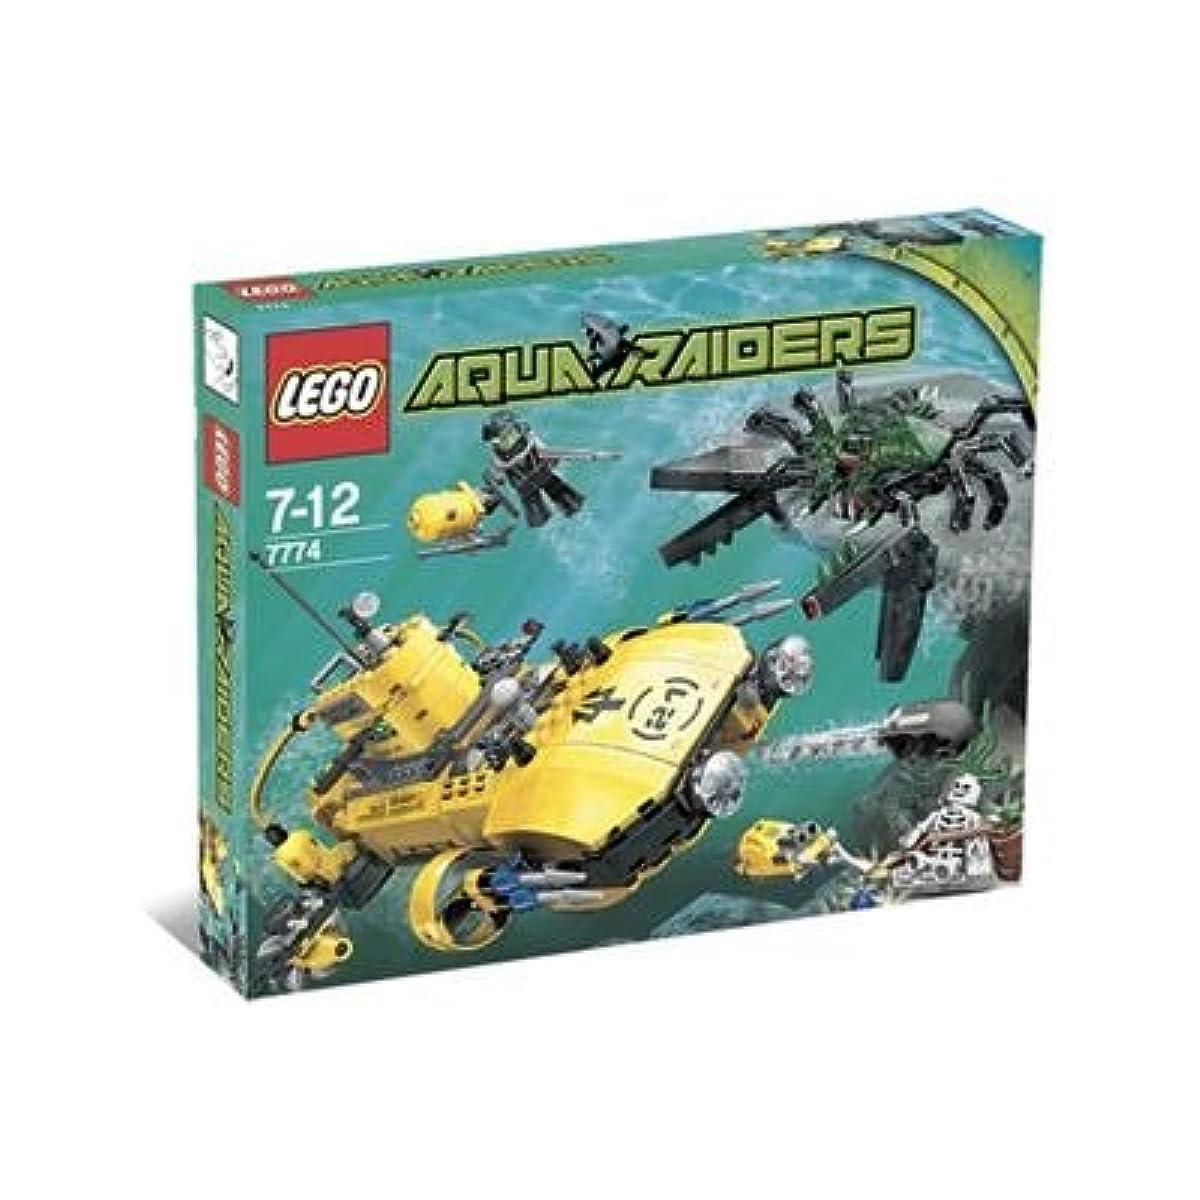 [해외] 레고 (LEGO) 아쿠아 레이더즈 클럽크러셔 7774 (2007-02-09)